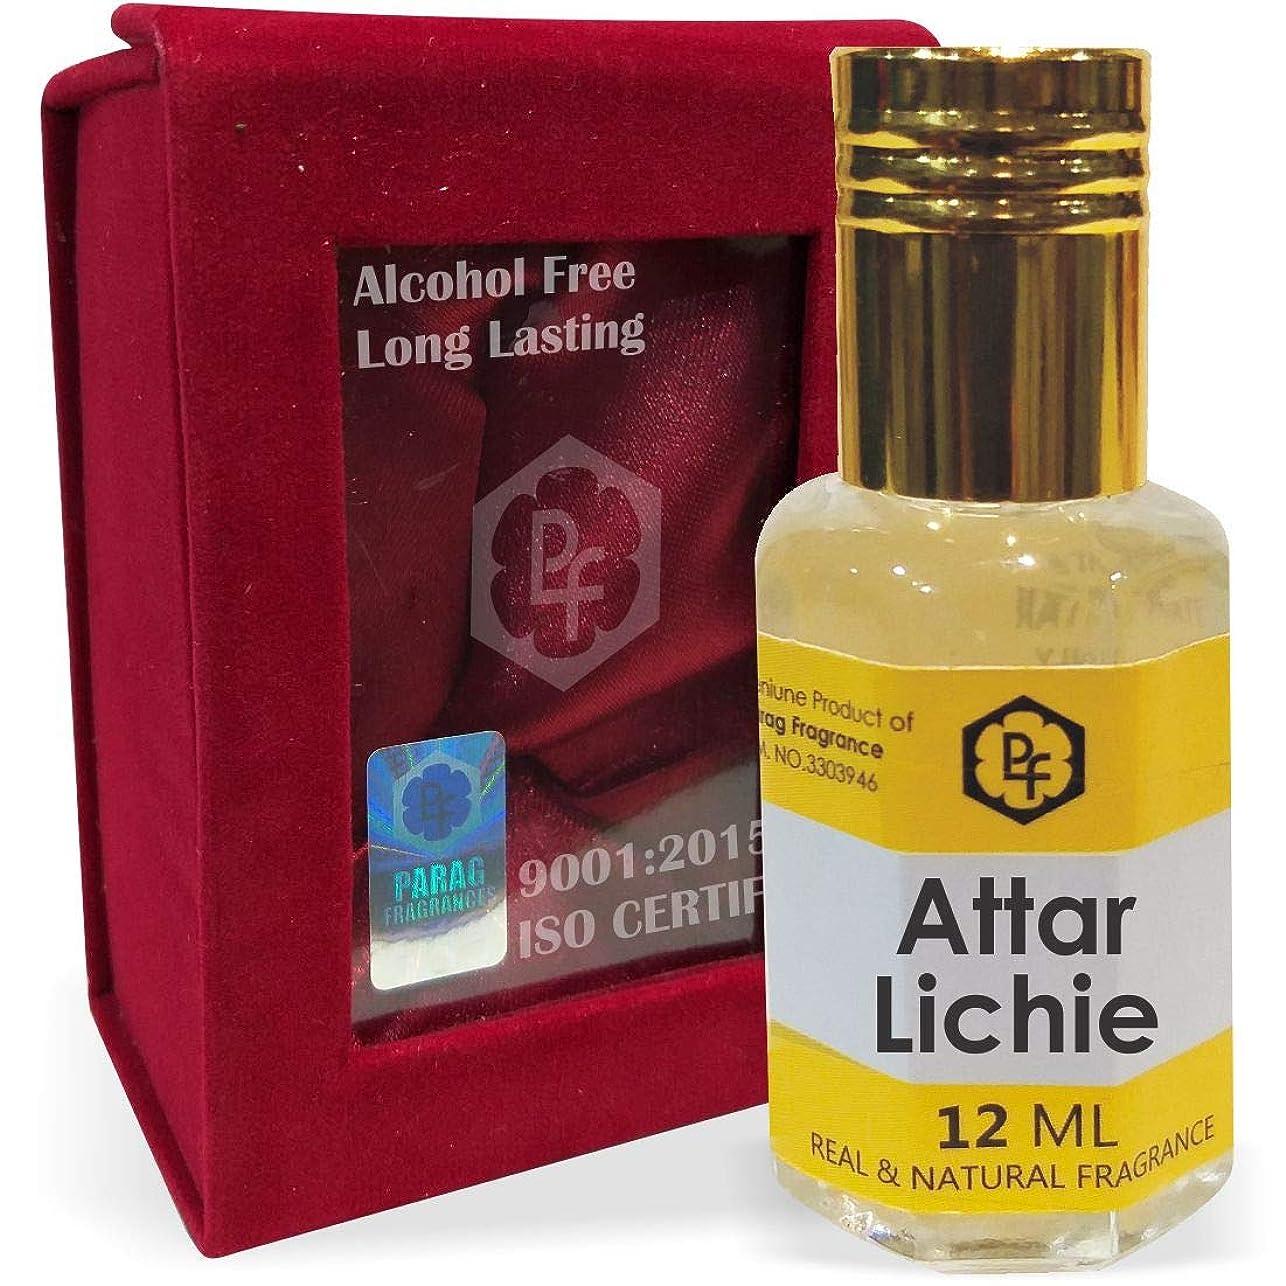 あいまいトーク鎮痛剤ParagフレグランスLichie手作りベルベットボックス12ミリリットルアター/香水(インドの伝統的なBhapka処理方法により、インド製)オイル/フレグランスオイル|長持ちアターITRA最高の品質